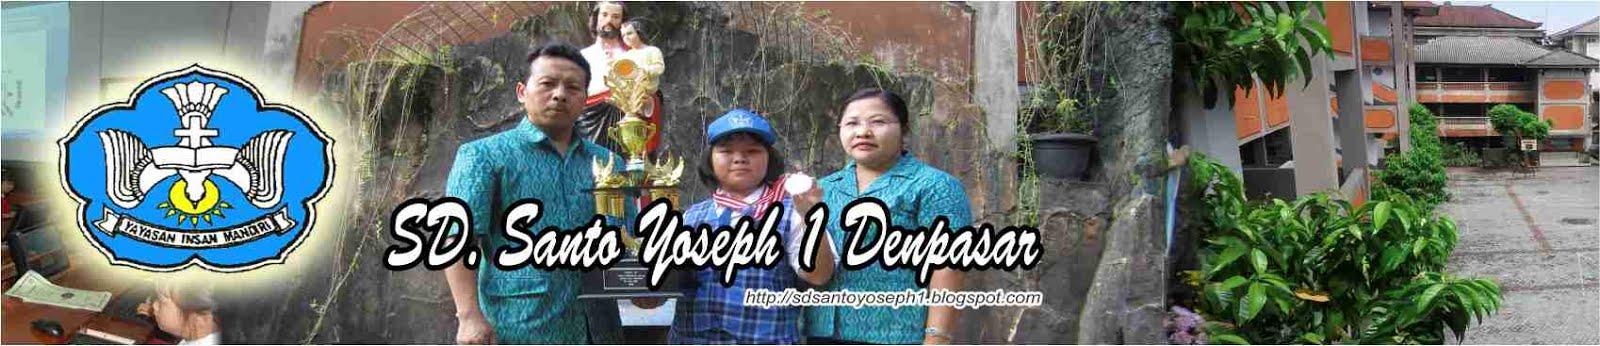 SD Santo Yoseph 1 Denpasar